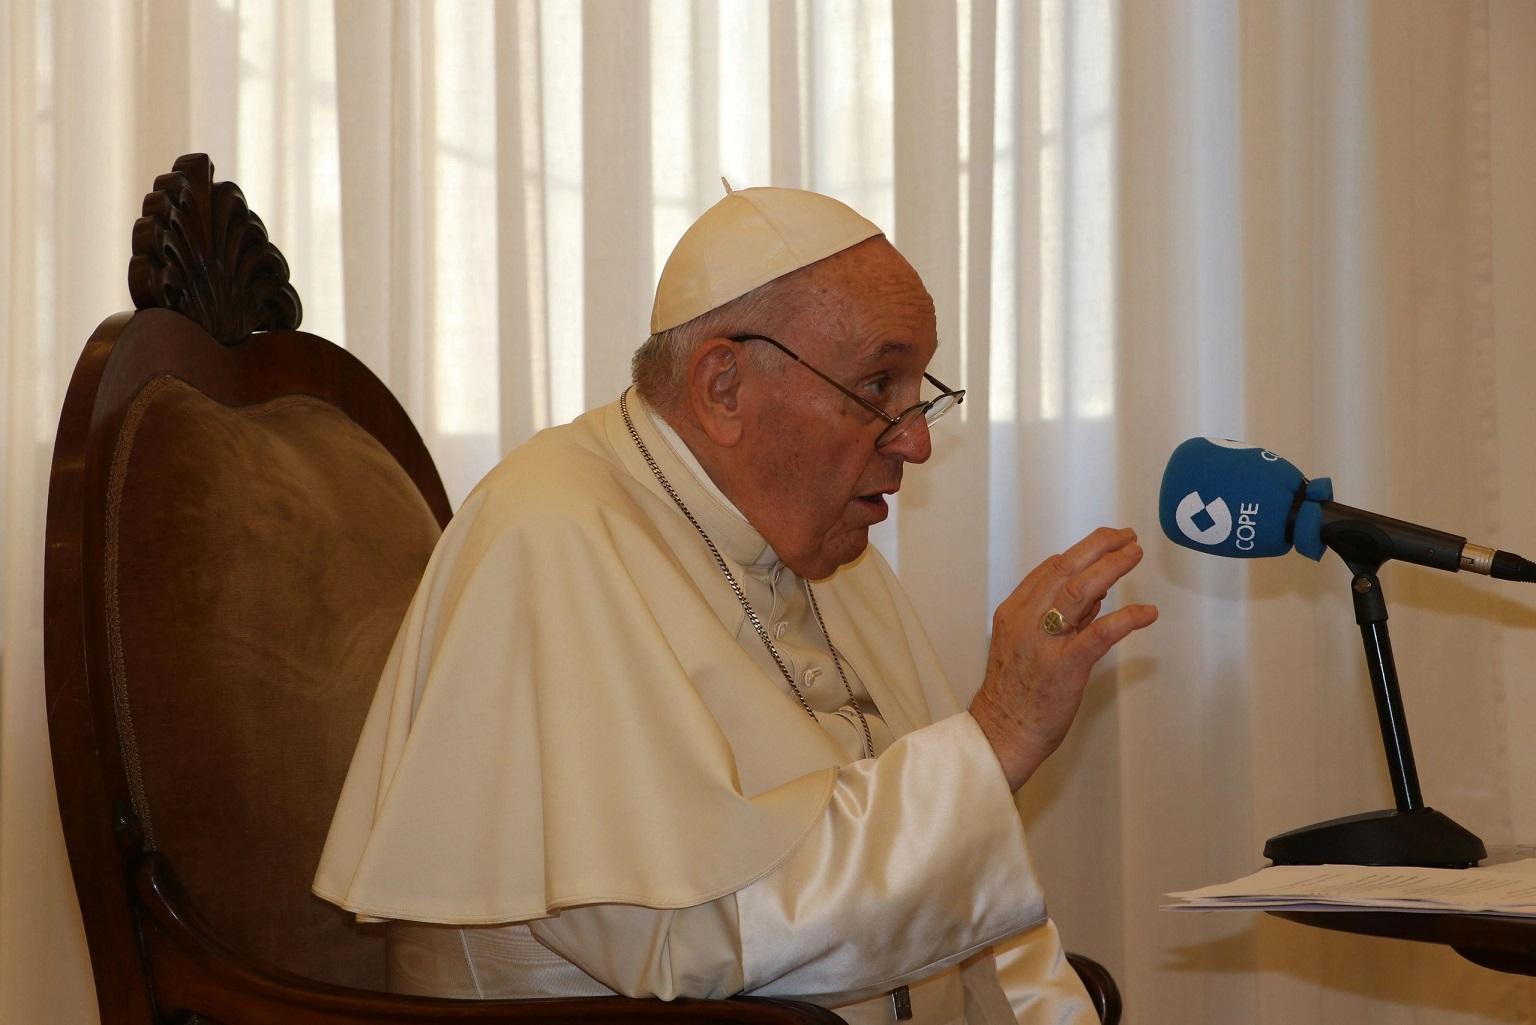 Афганистан, реформа Римской Курии, Traditionis Custodes — в интервью Папы для «Radio Cope»